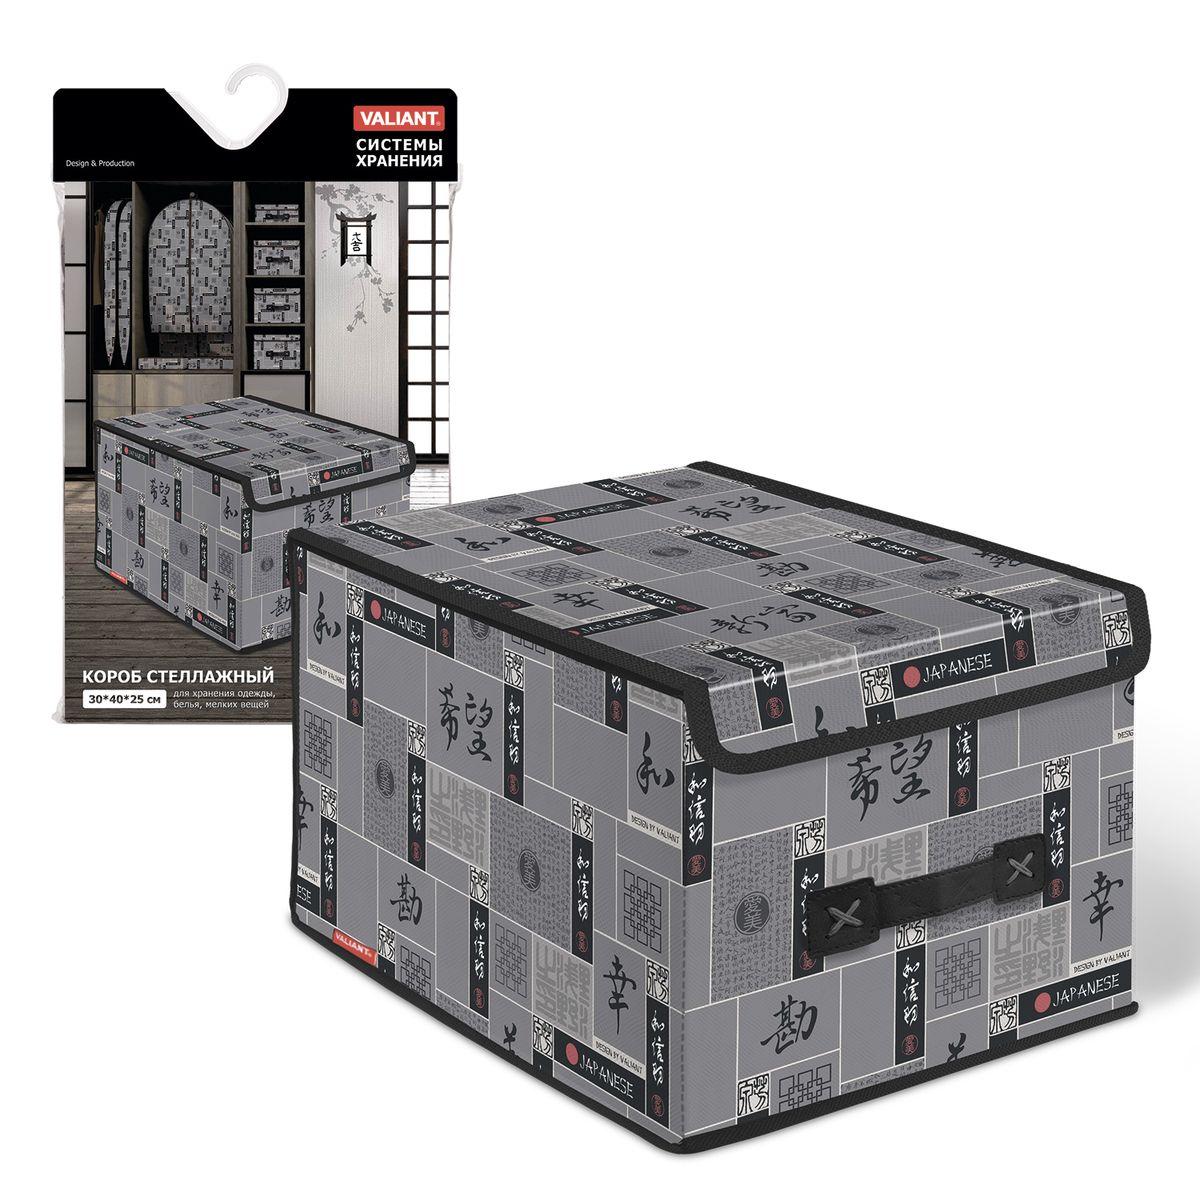 Короб стеллажный Valiant Japanese Black, с крышкой, 30 х 40 х 25 смJB-BOX-LMСтеллажный короб Valiant Japanese Black изготовлен из высококачественного нетканого материала, который обеспечивает естественную вентиляцию, позволяя воздуху проникать внутрь, но не пропускает пыль. Вставки из плотного картона хорошо держат форму. Короб снабжен специальной крышкой, которая фиксируется с помощью двух магнитов. Изделие отличается мобильностью: легко раскладывается и складывается. В таком коробе удобно хранить одежду, белье и мелкие аксессуары. Красивый авторский дизайн прекрасно впишется в интерьер женского гардероба и создаст трогательную атмосферу романтического настроения. Оригинальный дизайн придется по вкусу ценительницам эстетичного хранения. Системы хранения в едином дизайне сделают вашу гардеробную изысканной и невероятно стильной.